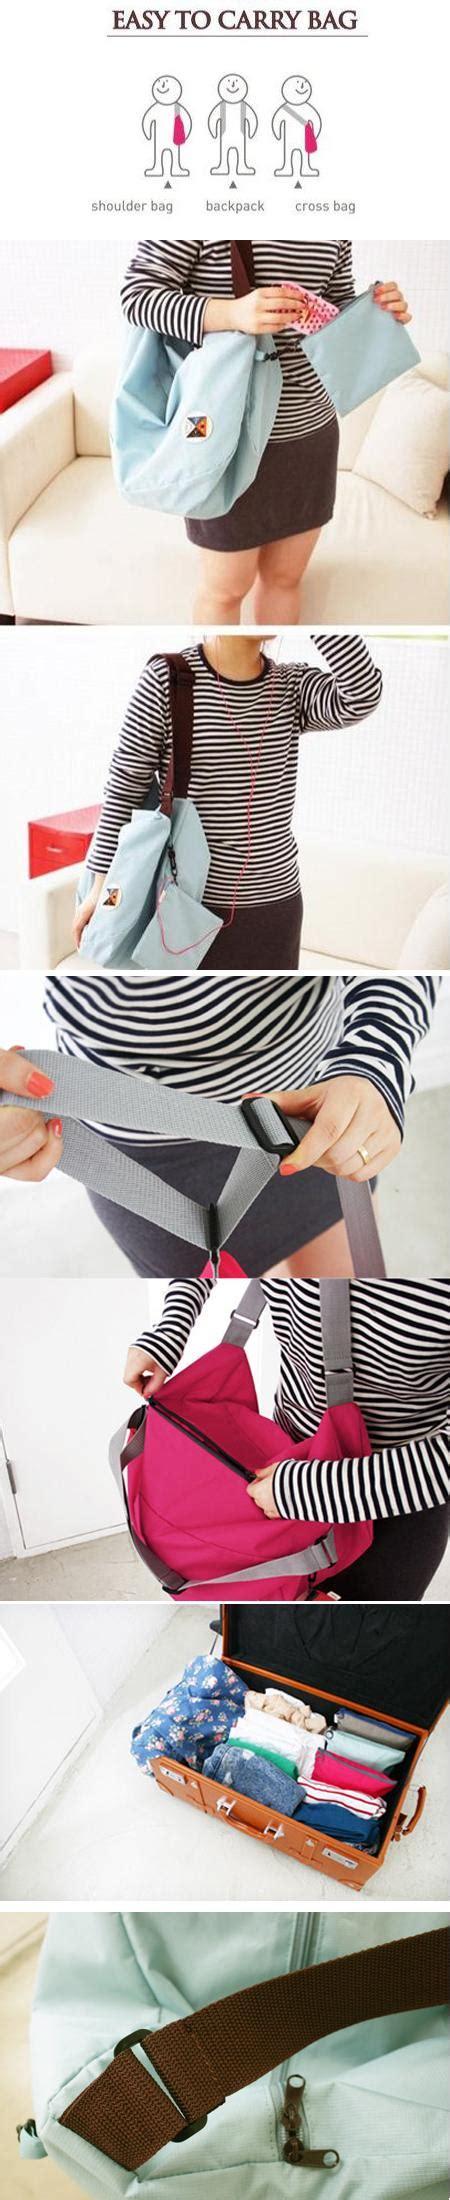 Termurah 3 Way Korean Bag Design Tas Serbaguna Multifungsi Tas 3 way korean bag design belva shop belanja terpercaya